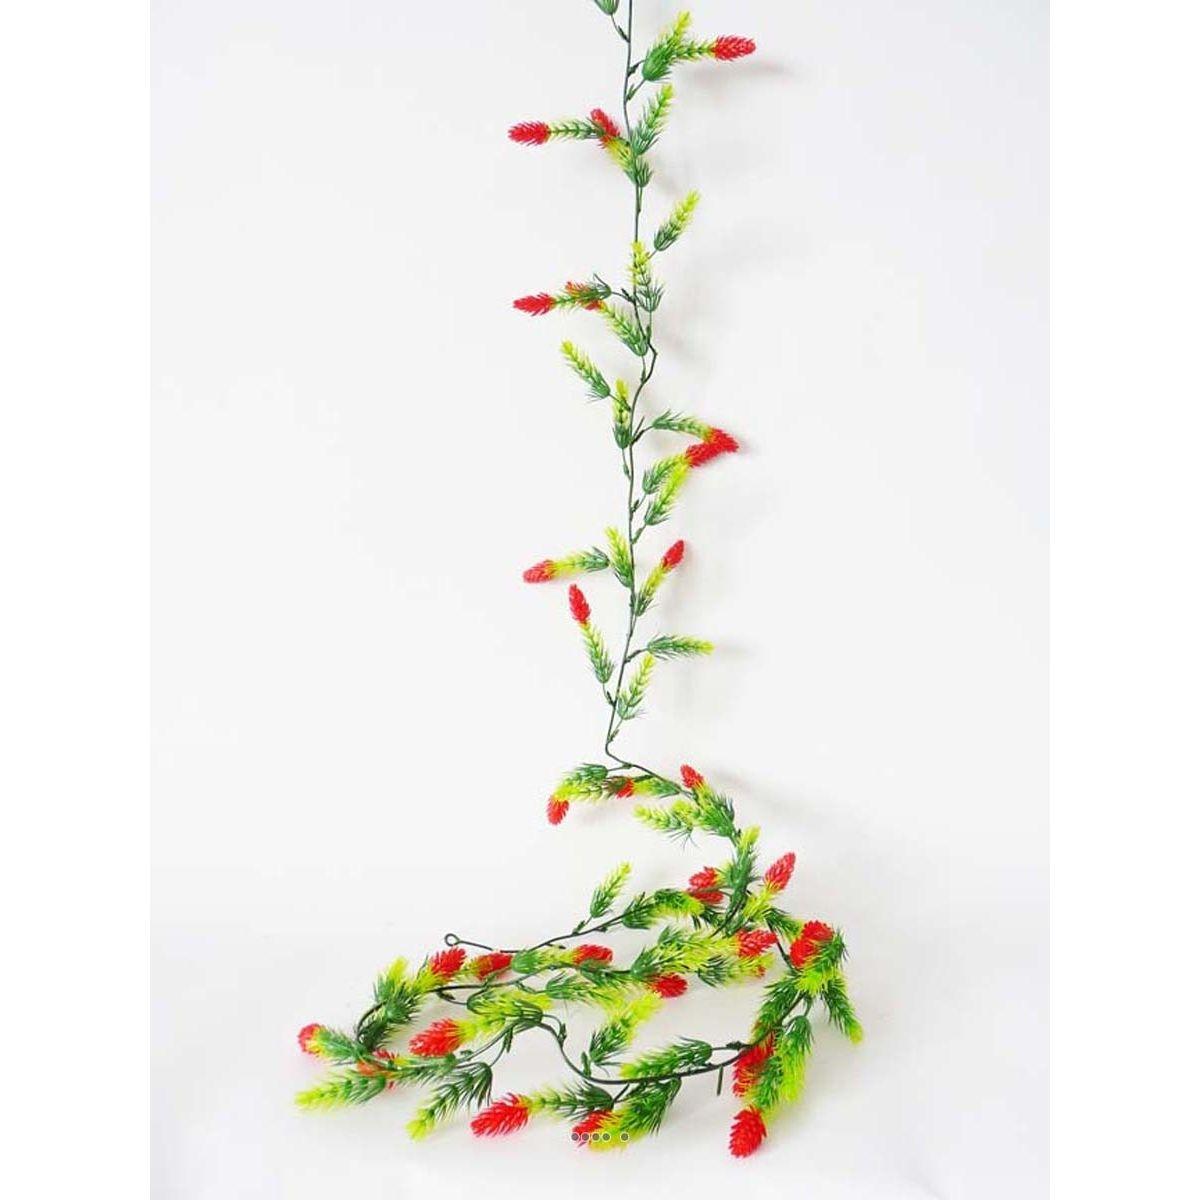 Guirlande de 30 pommes de pin artificielles Rouge plastique L 180 cm - choisissez votre coloris: Rouge Cerise